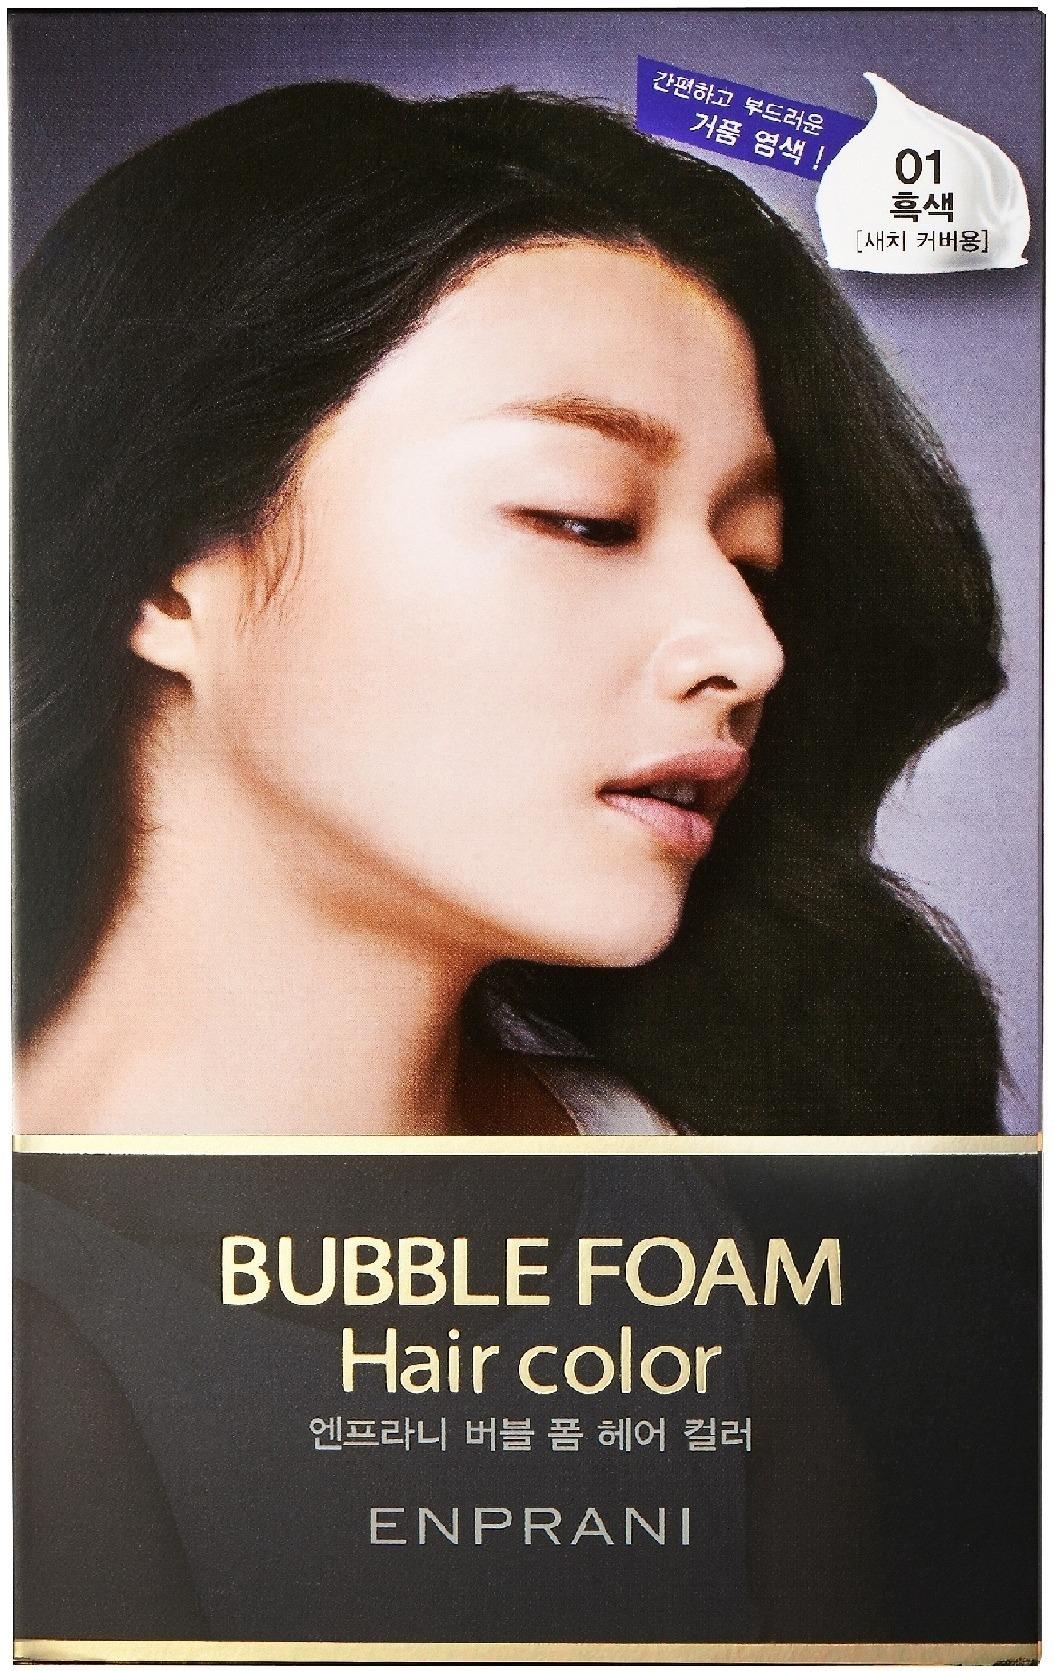 Enprani Bubble Foam Hair ColorАбсолютно безопасная краска для волос от корейской компании Enprani создана для бережного окрашивания волос в домашних условиях. Воздушный мусс отлично красит волосы, не разрушая их нежную структуру. Косметическое средство без особого труда распределяется по всей длине волос, равномерно прокрашивая их от корней до кончиков.<br><br>Этот продукт максимально безопасен. Он не содержит в своем составе аммиака, поэтому дает возможность получить живой насыщенный цвет волос, не повреждая их. Мягкая формула краски содержит комплекс масел ценных растений: оливы, кокоса, миндаля, камелии, авокадо, жожоба. Эти ингредиенты проникают вглубь волос, питая их изнутри. Они становятся гладкими на ощупьь, мягкими и сногсшибательно блестящими. Также масла обеспечивают уход коже головы.<br><br>После окрашивания азиатским безаммиачным средством волосы становятся эластичными и послушными. Насыщенный, яркий цвет сохраняется надолго.Объём: 50 мл + 50 млСпособ применения:Перед тем как приступить к окрашиванию следует соединить пигмент №1 и окислитель №2, тщательно перемешав. Одноразовые перчатки позволят распределить краску по волосам, не окрасив руки. Пенку следует наносить сначала на корни, затем на всю длину. Оставить на волосах на 20-40 минут, в зависимости от интенсивности цвета, который желаете получить. Смывать краску необходимо теплой водой, после чего вымыть волосы шампунем. На чистые мокрые волосы нанести маску. По истечении 10 минут смыть средство теплой водой.<br>